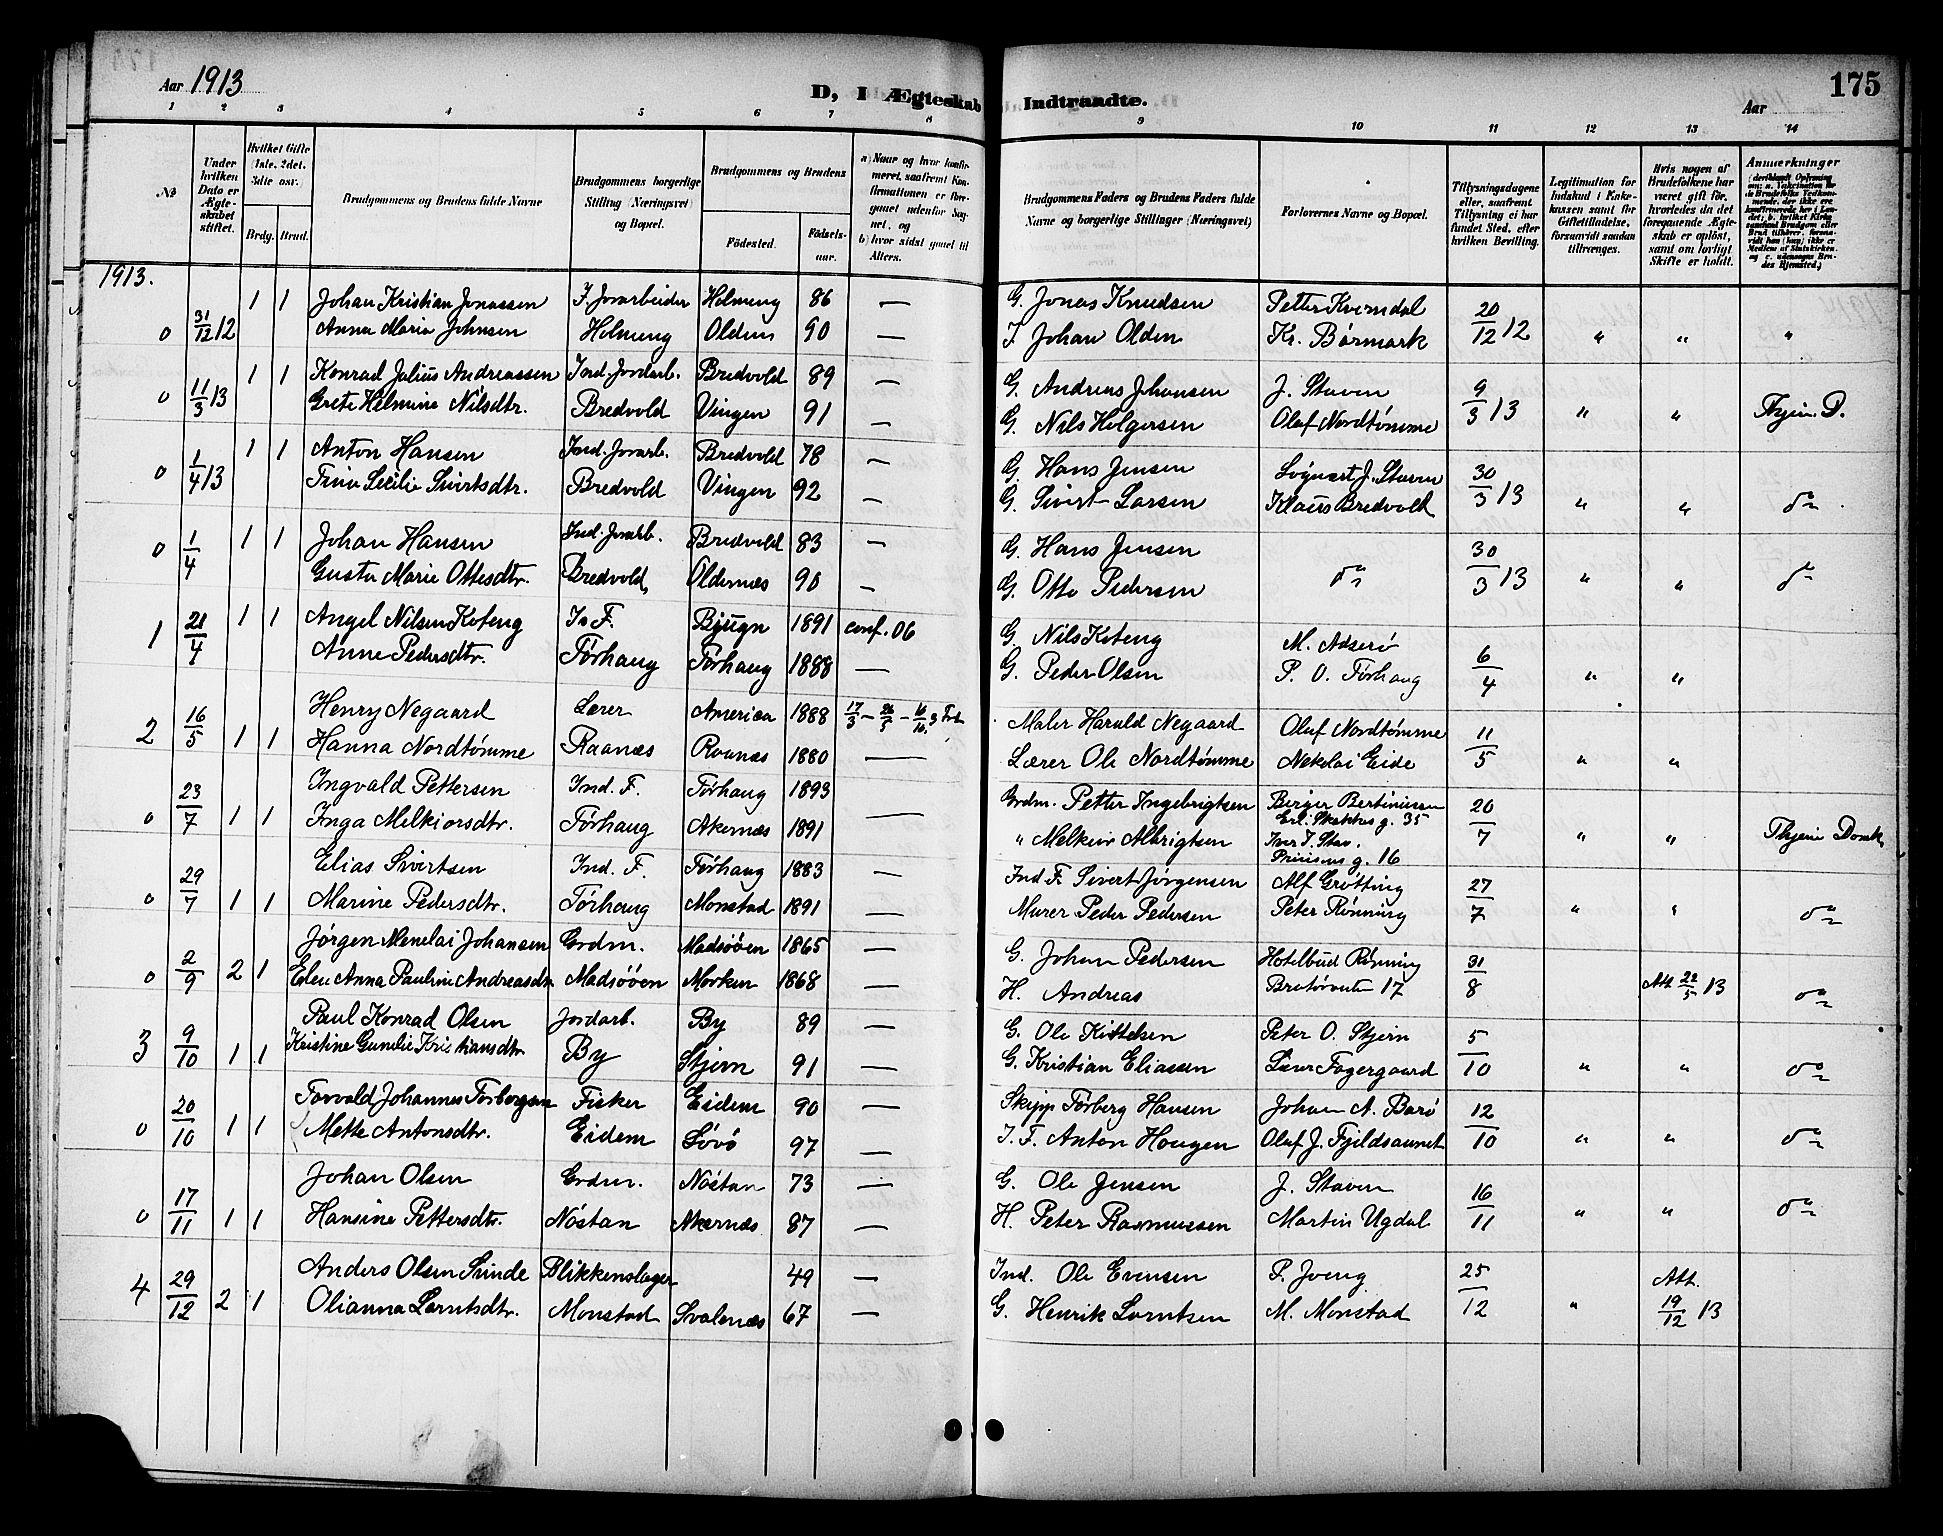 SAT, Ministerialprotokoller, klokkerbøker og fødselsregistre - Sør-Trøndelag, 655/L0688: Klokkerbok nr. 655C04, 1899-1922, s. 175